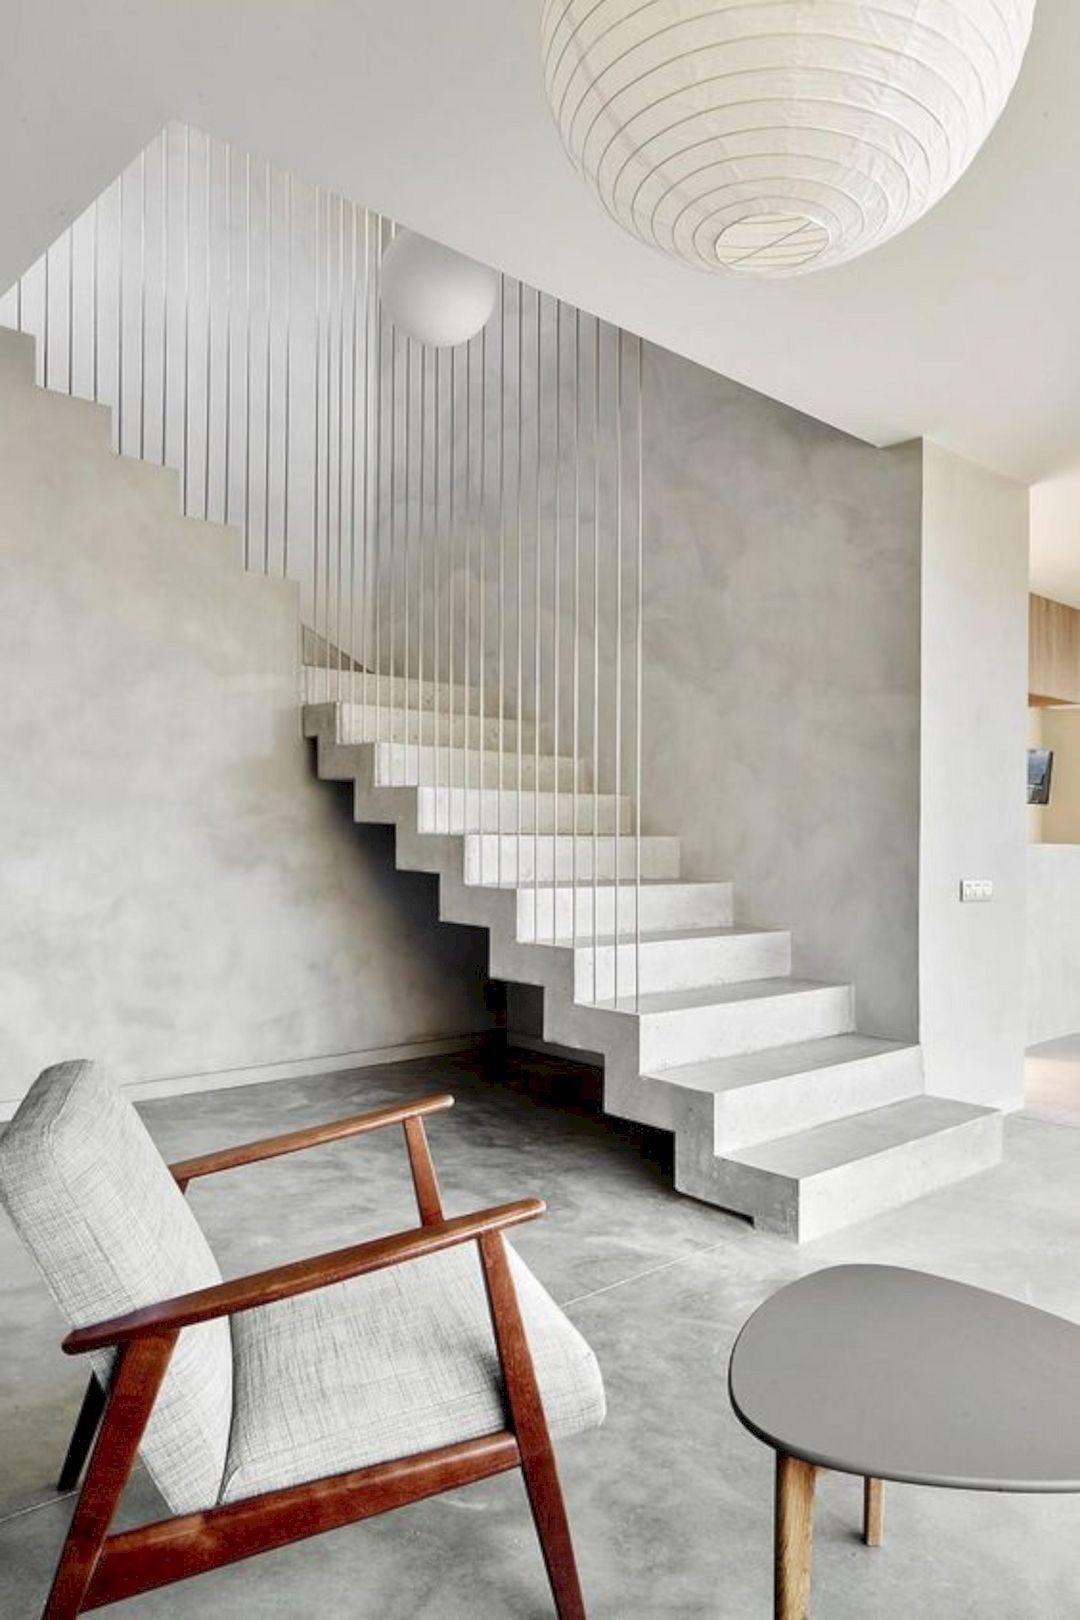 16 Super Cool Concrete Staircase Ideas Concrete Interiors   Interior Concrete Stairs Design   Architecture   House   White Matte Concrete   Urban   Dark Wood Modern